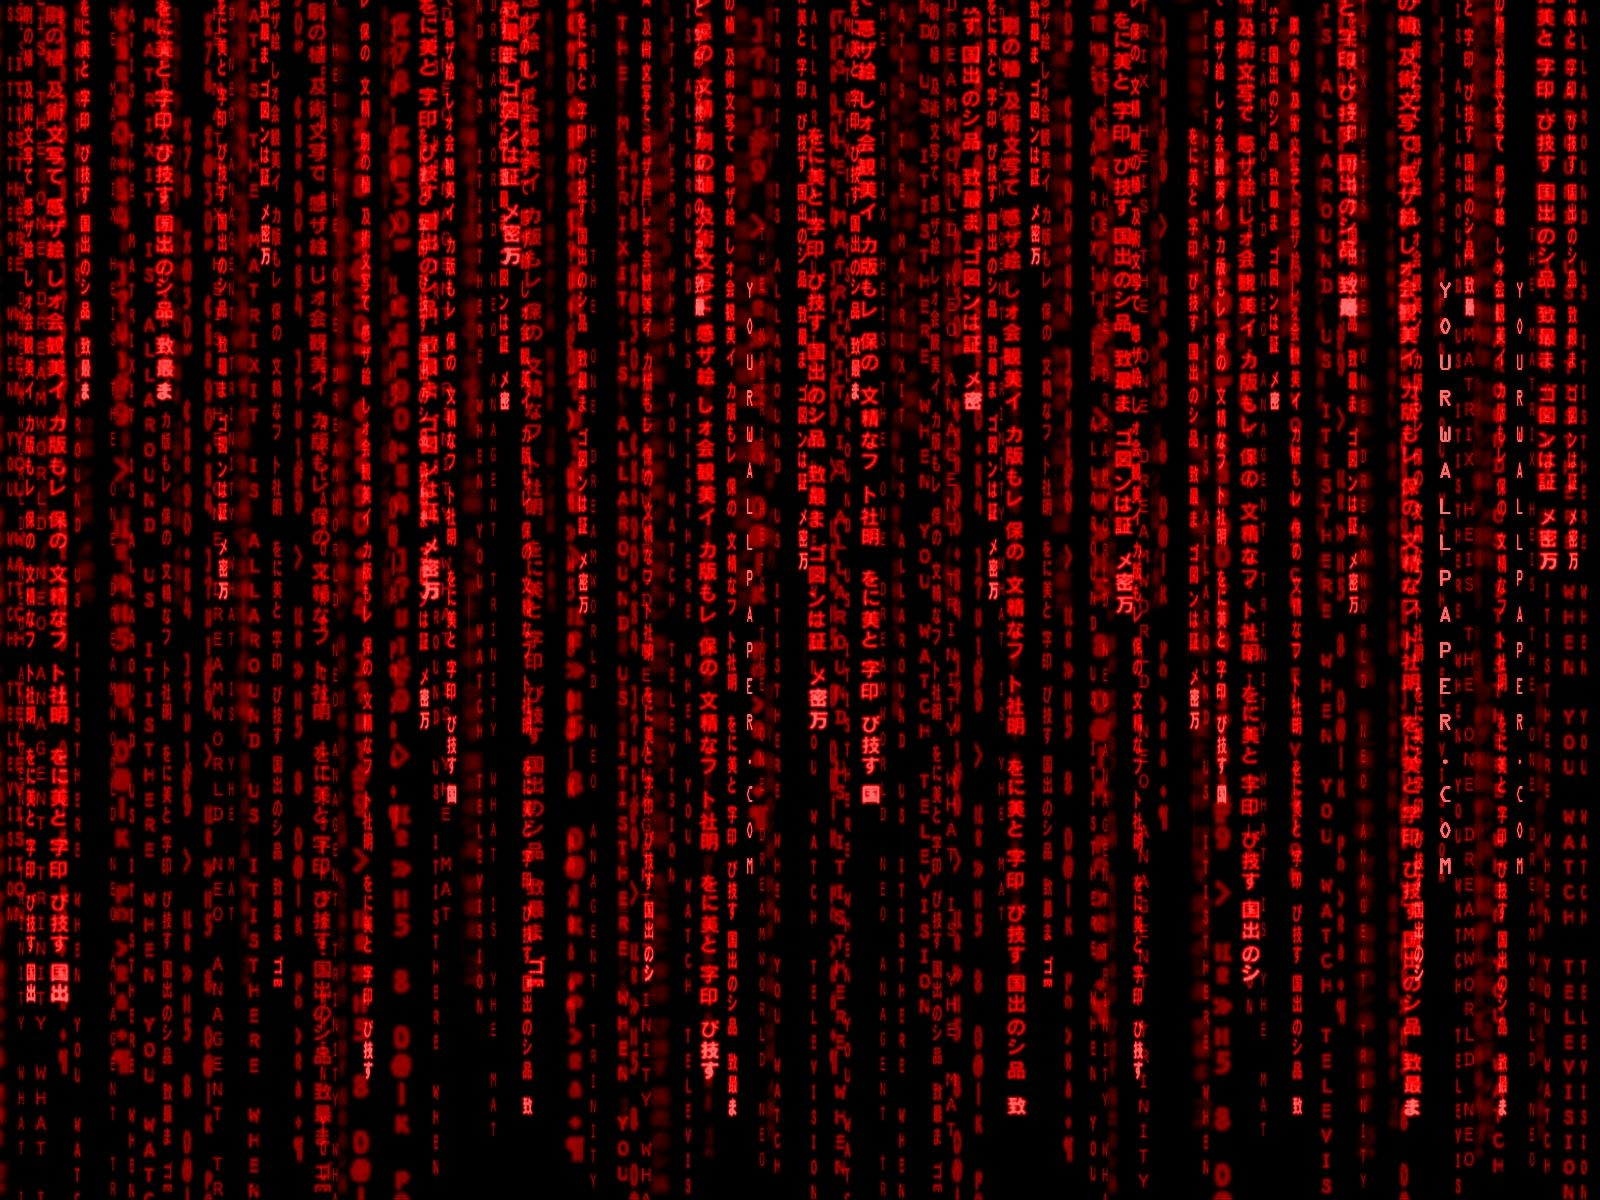 Pin By Andri Suardi On Red Code Wallpaper Red Wallpaper Digital Wallpaper